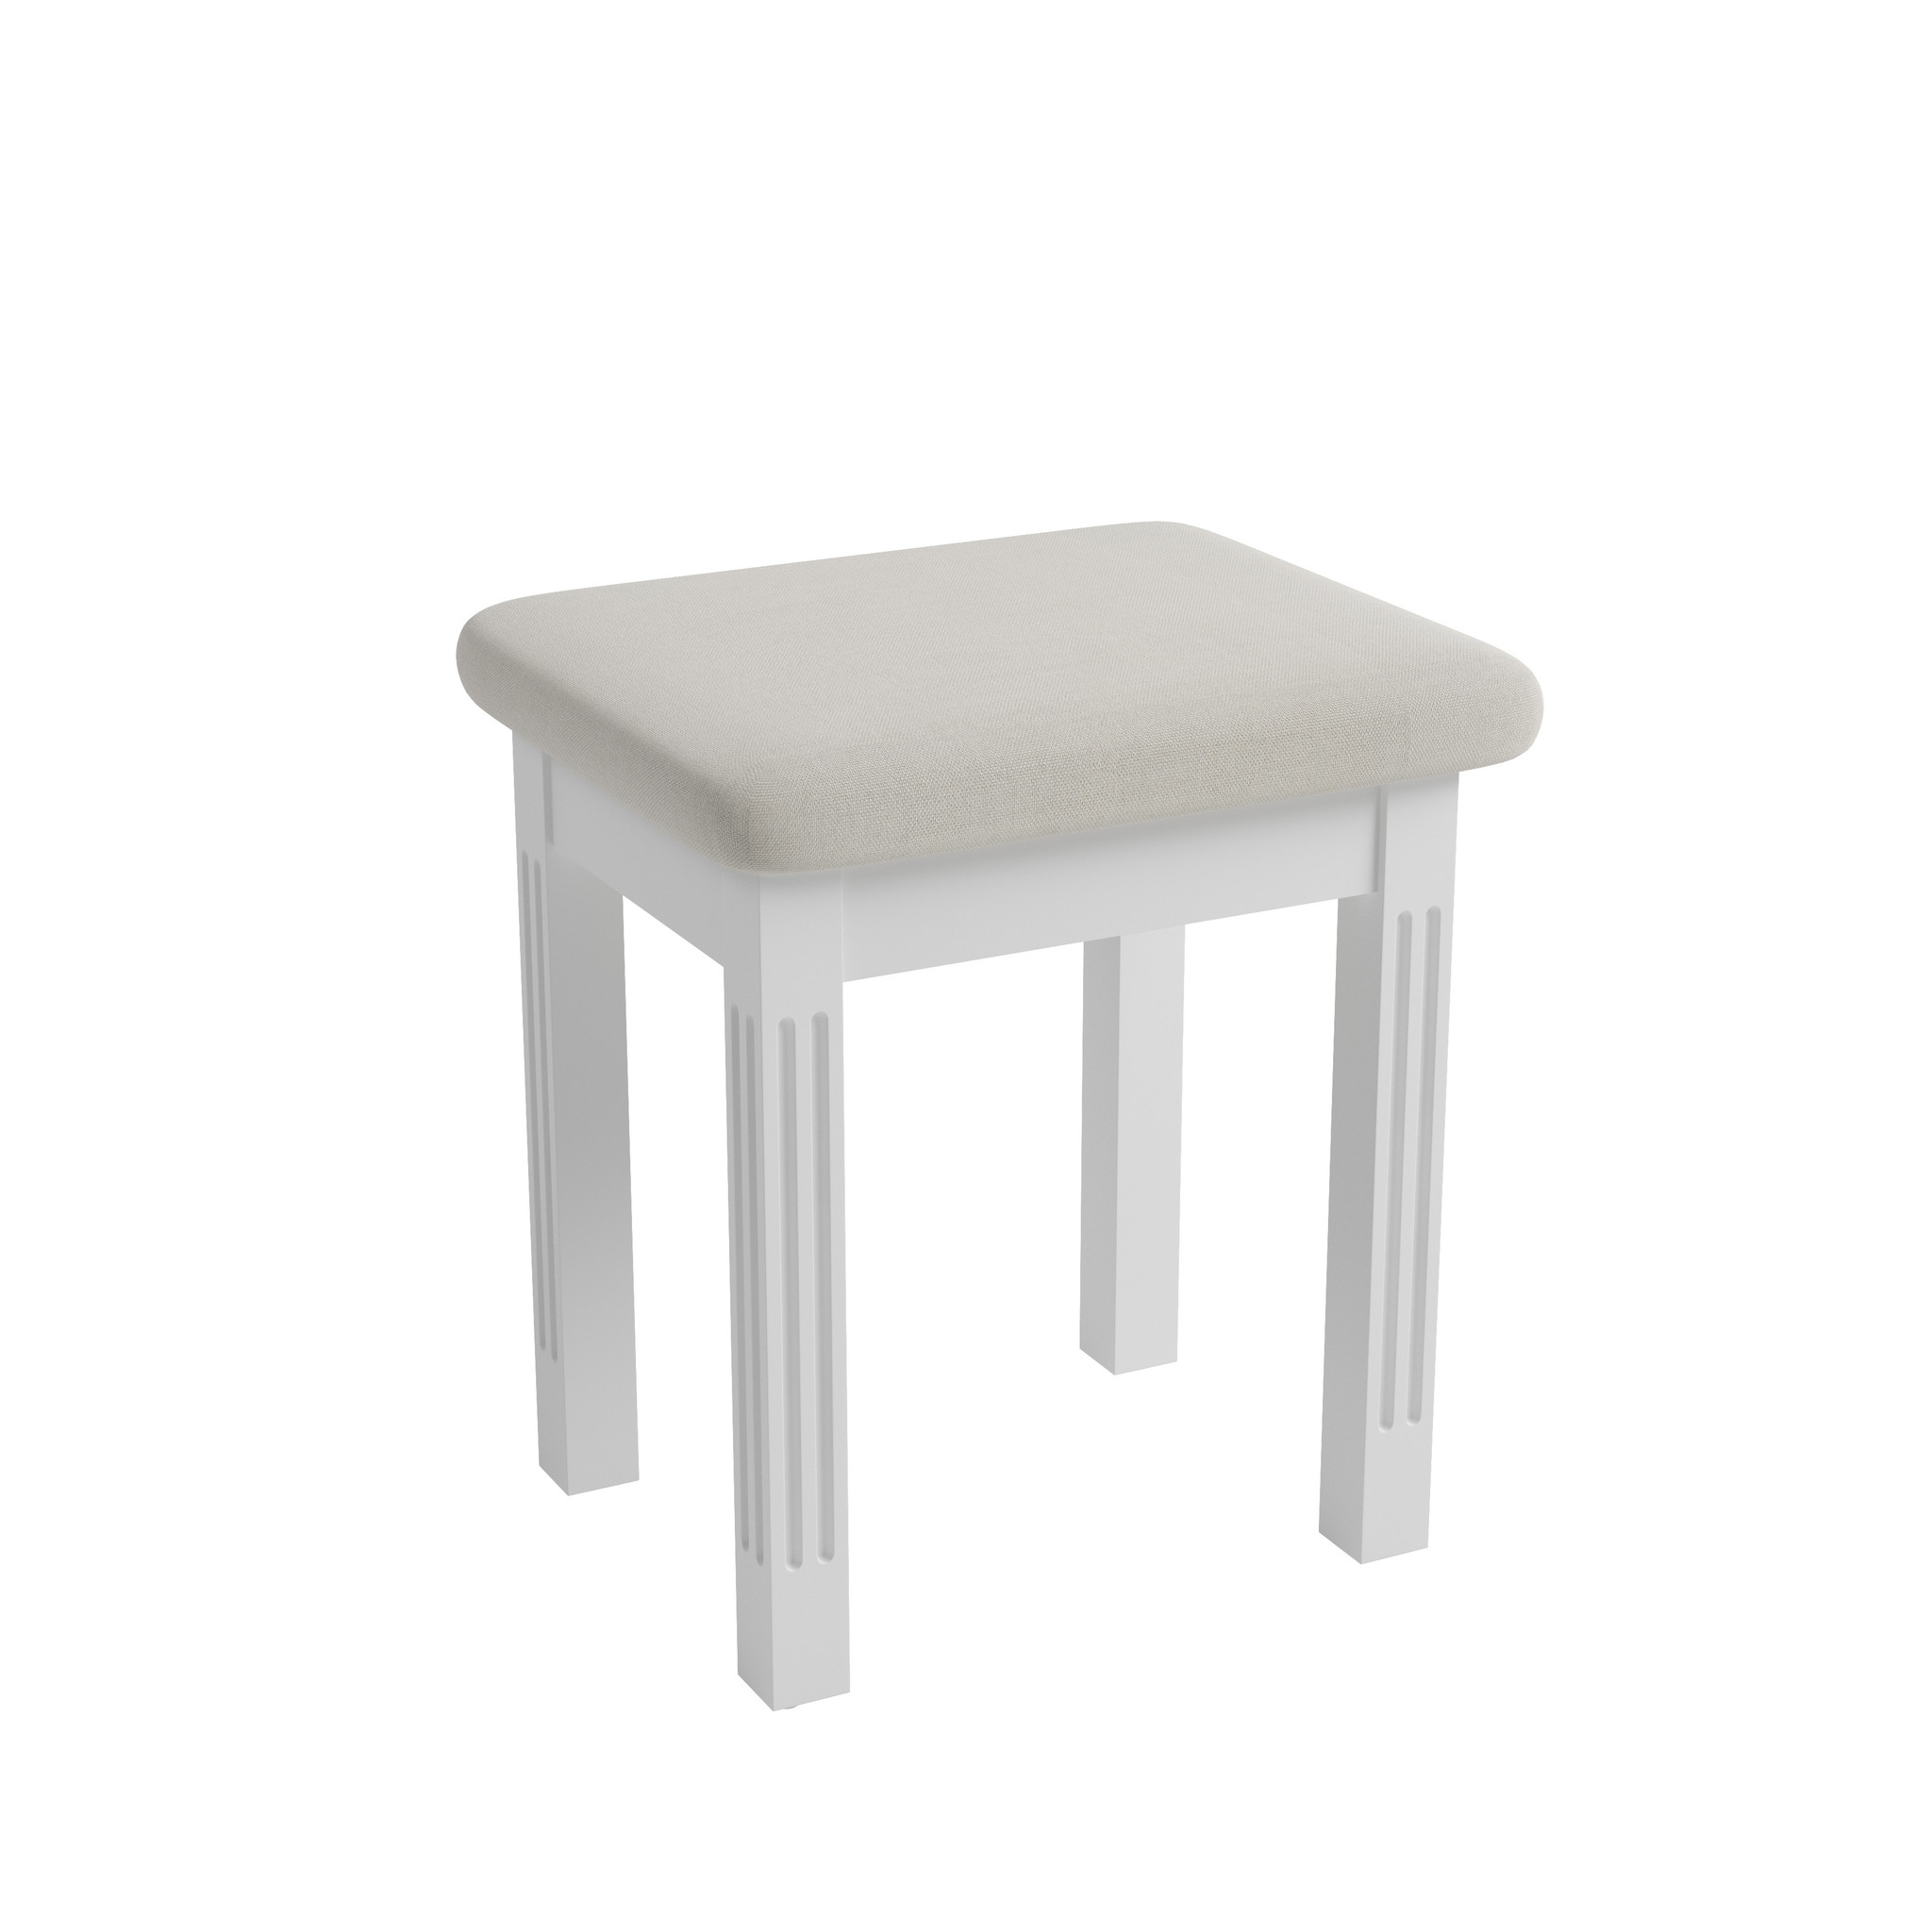 Essentials Elegant Painted White Stool